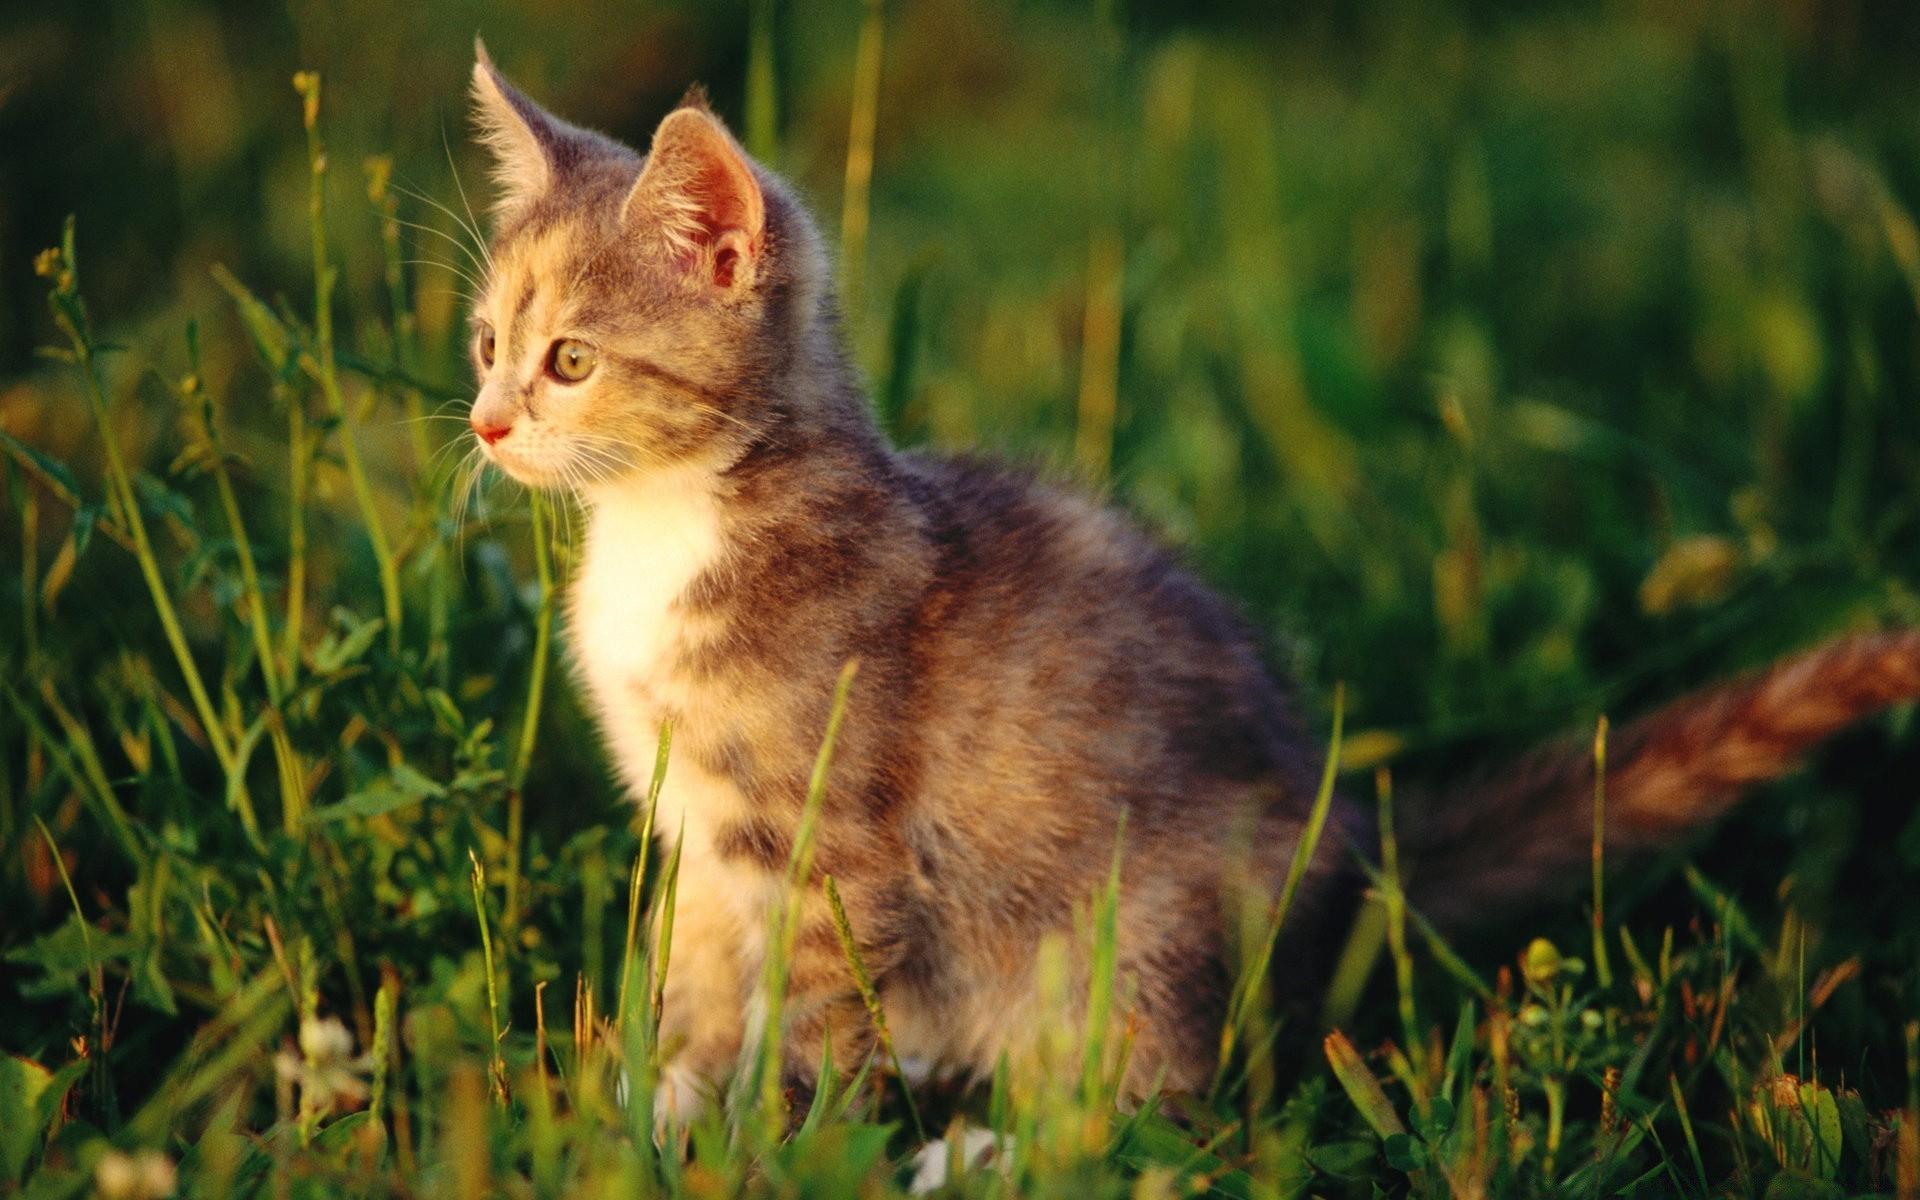 природа животное котенок кот  № 1981151 бесплатно